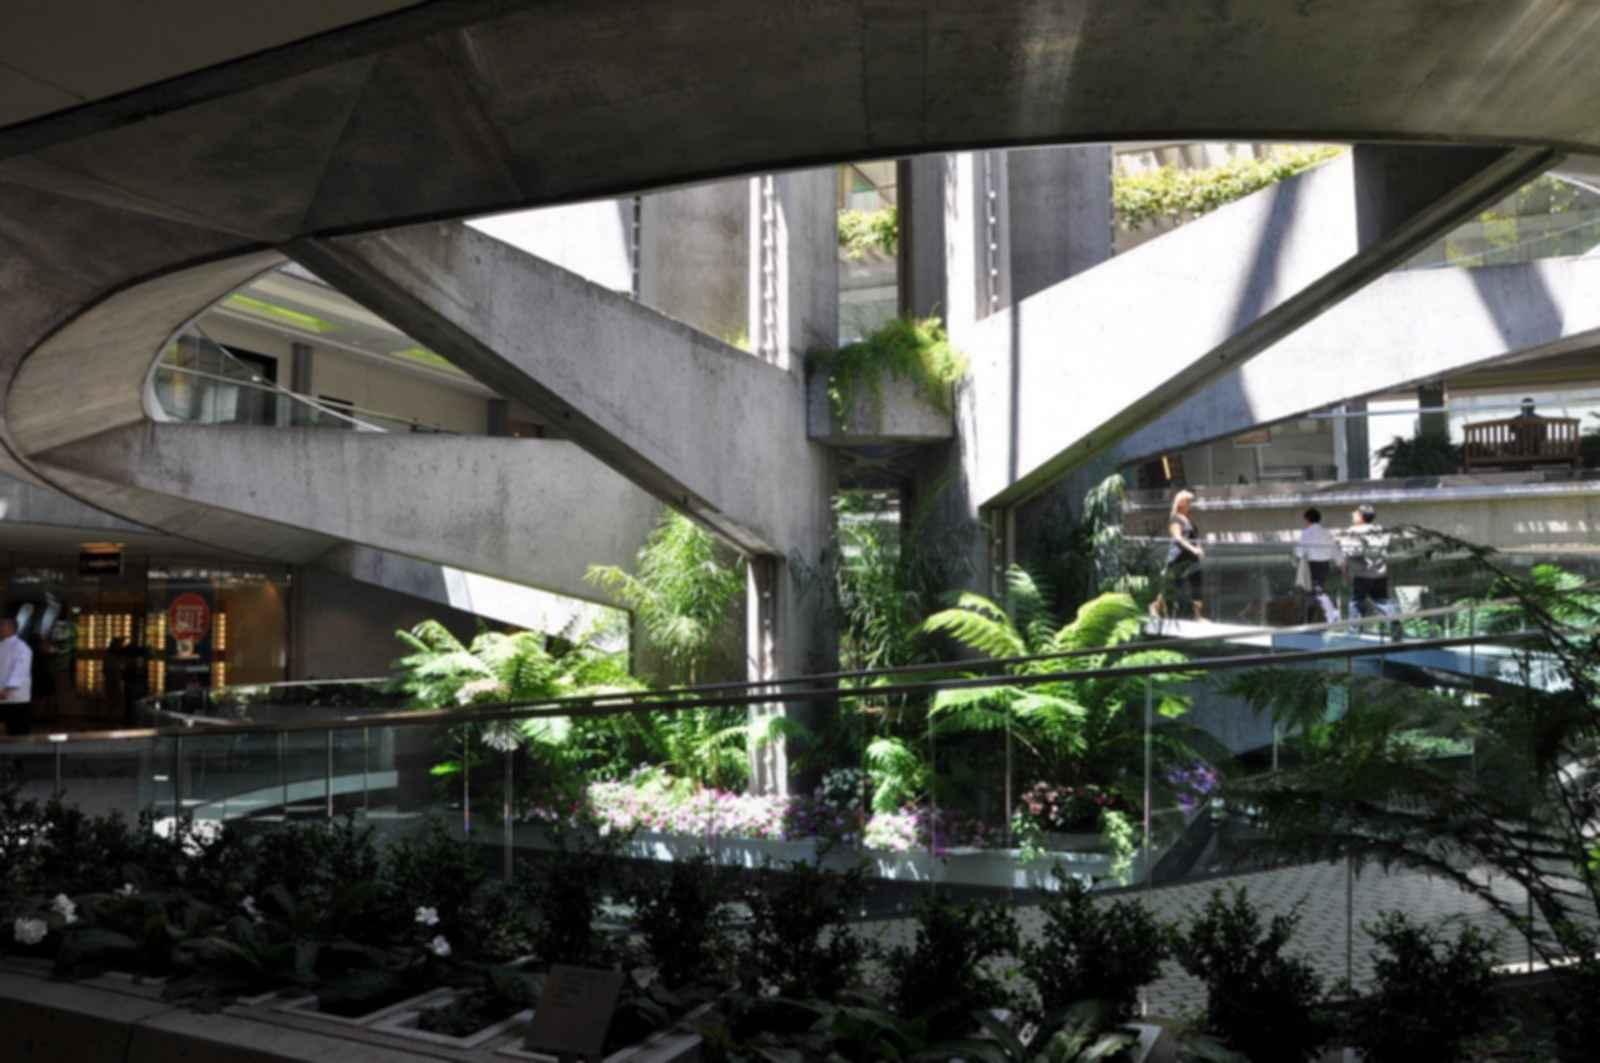 Hyatt Regency Embarcadero Center - Interior/Spiral Path